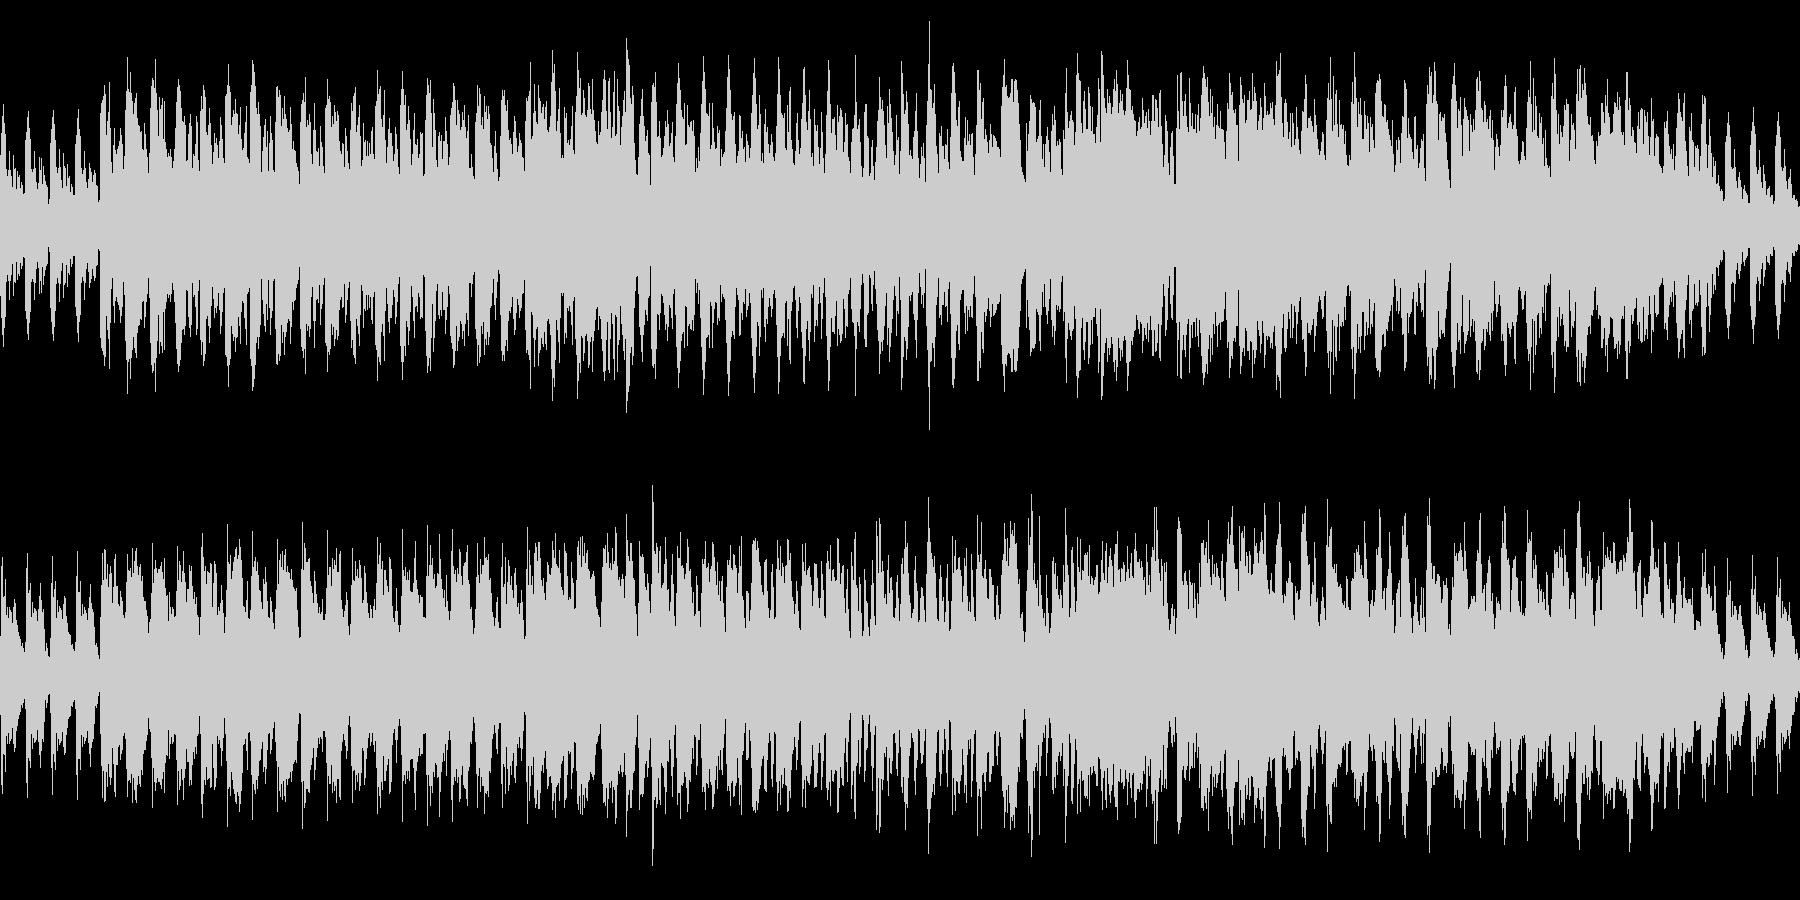 木管楽器のコミカルで怪しげな曲の未再生の波形